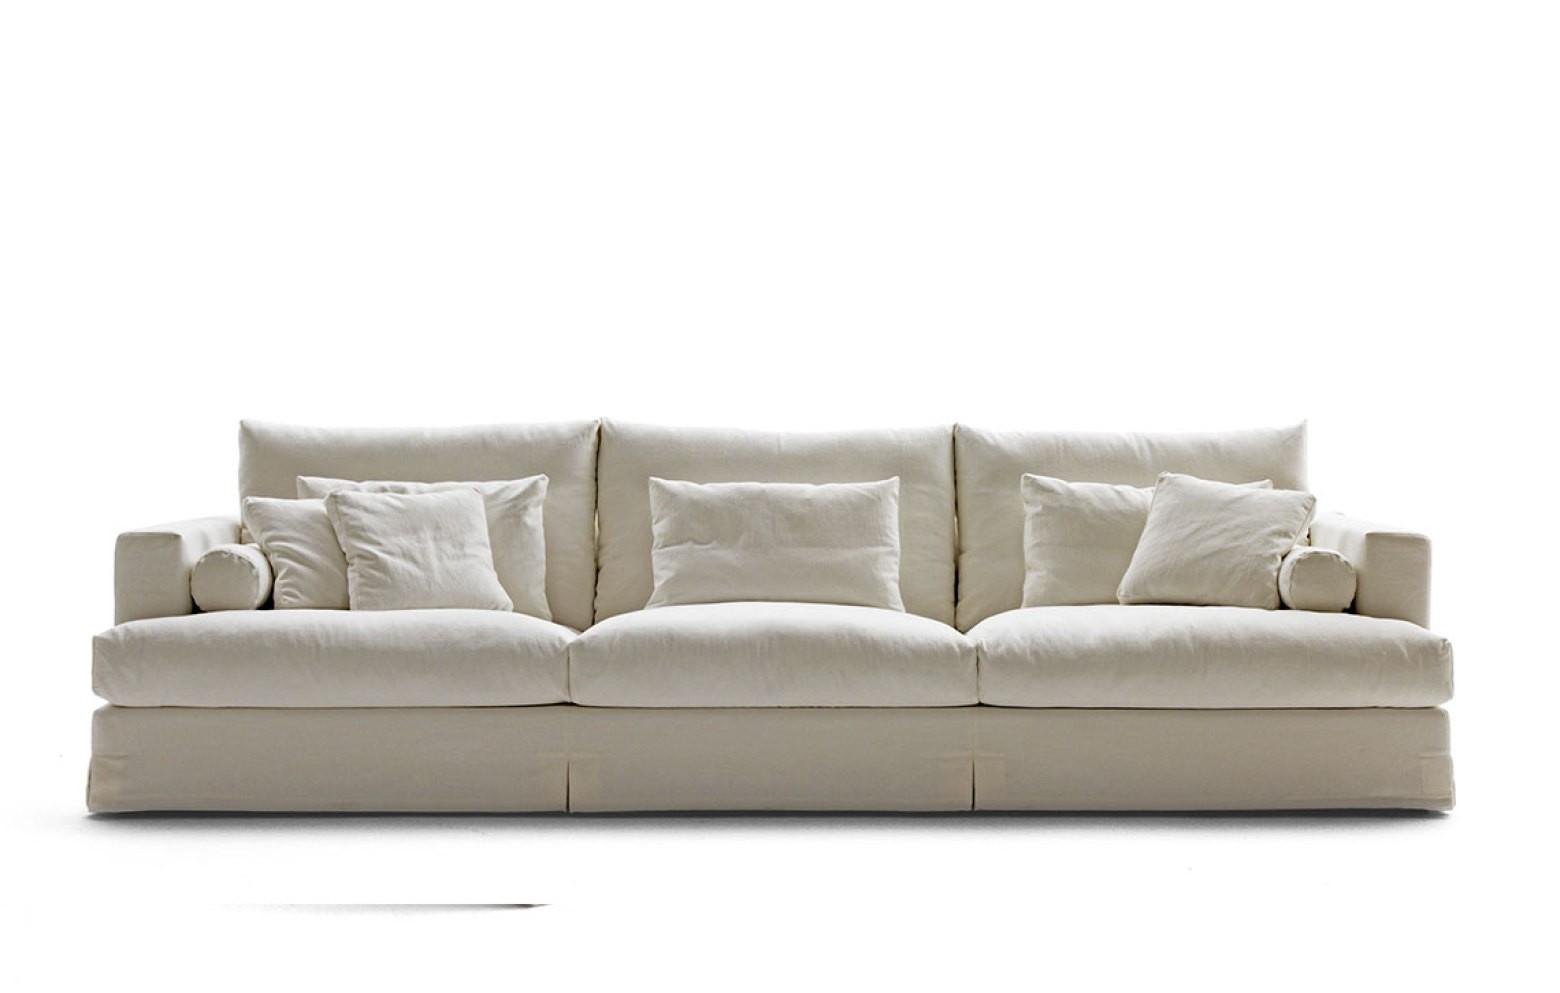 Designer Einzelsofa KARMA günstig bei WHO\'S PERFECT kaufen